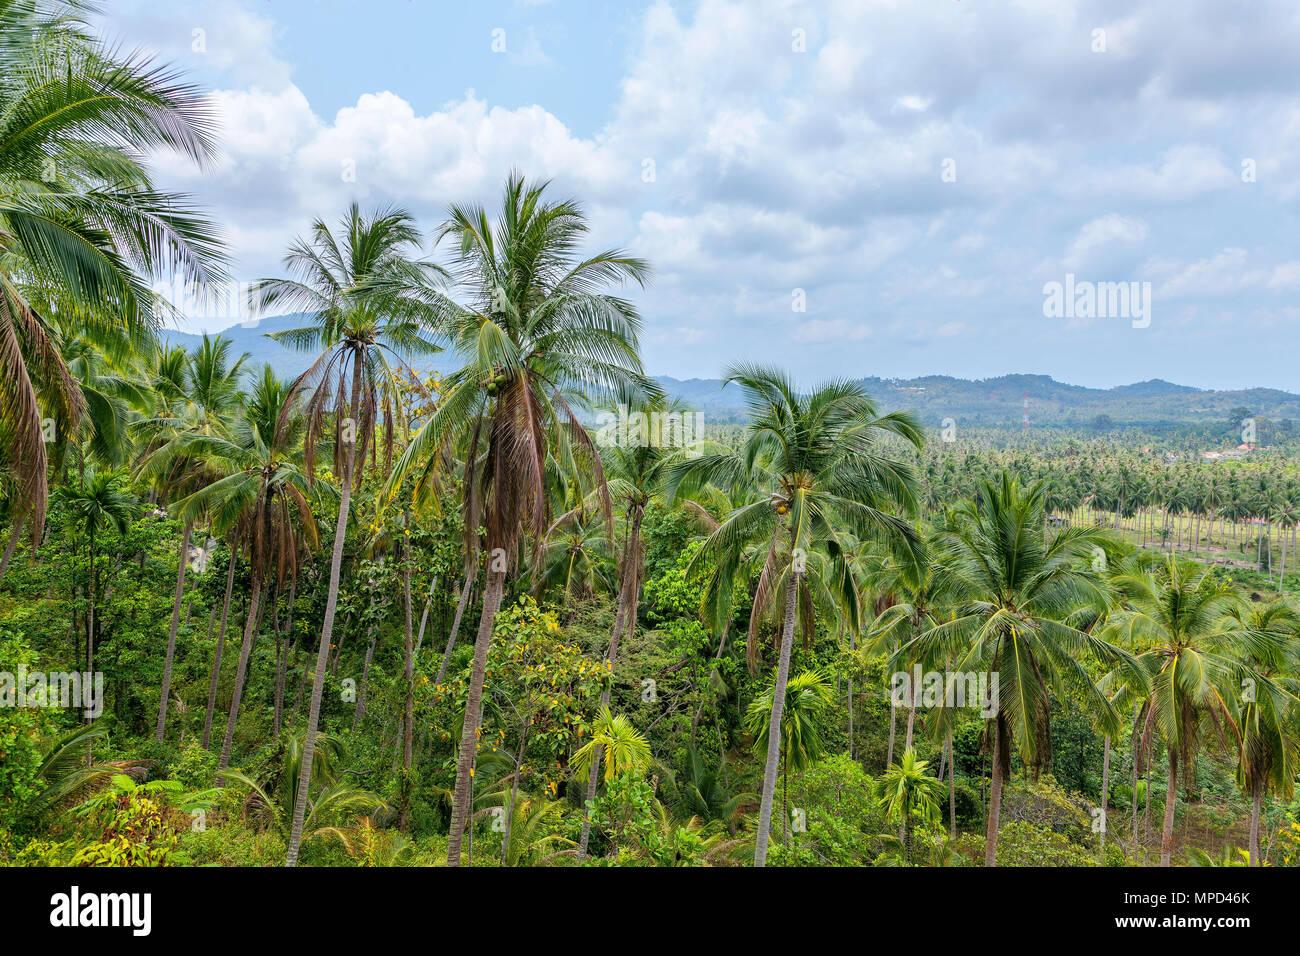 Koh Samui - Stock Image